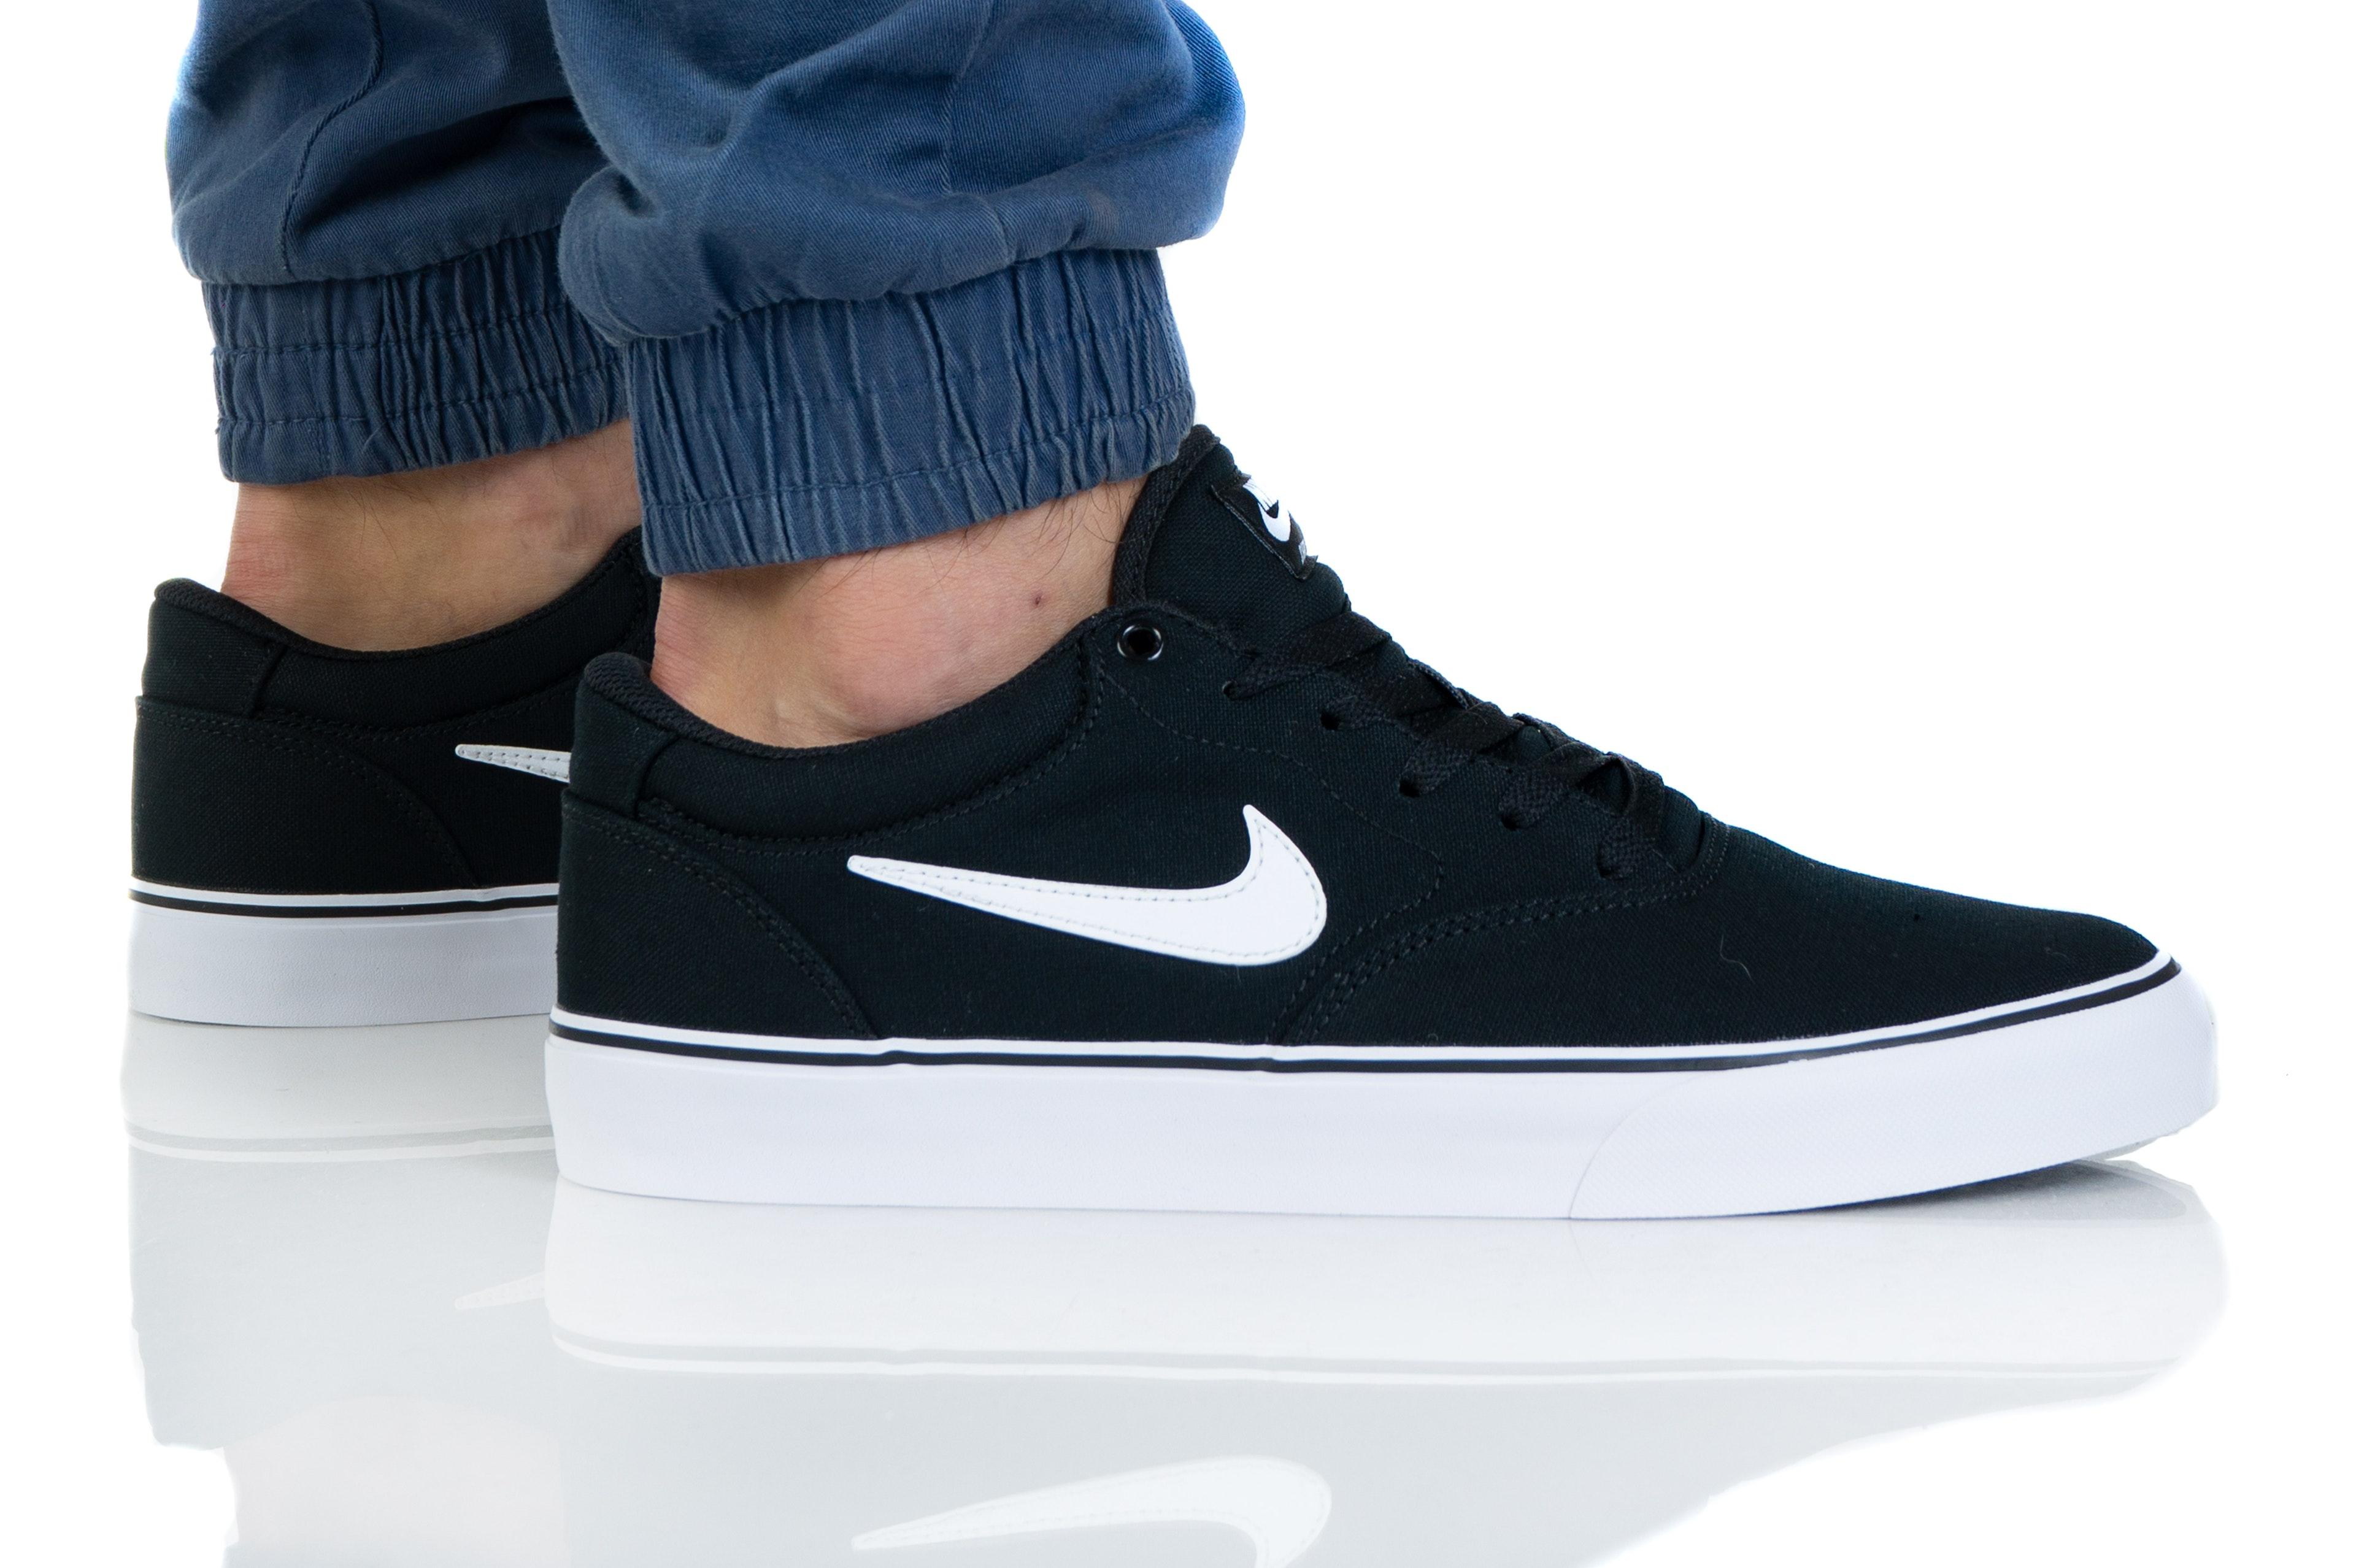 Nike SB CHRON 2 CNVS DM3494-001